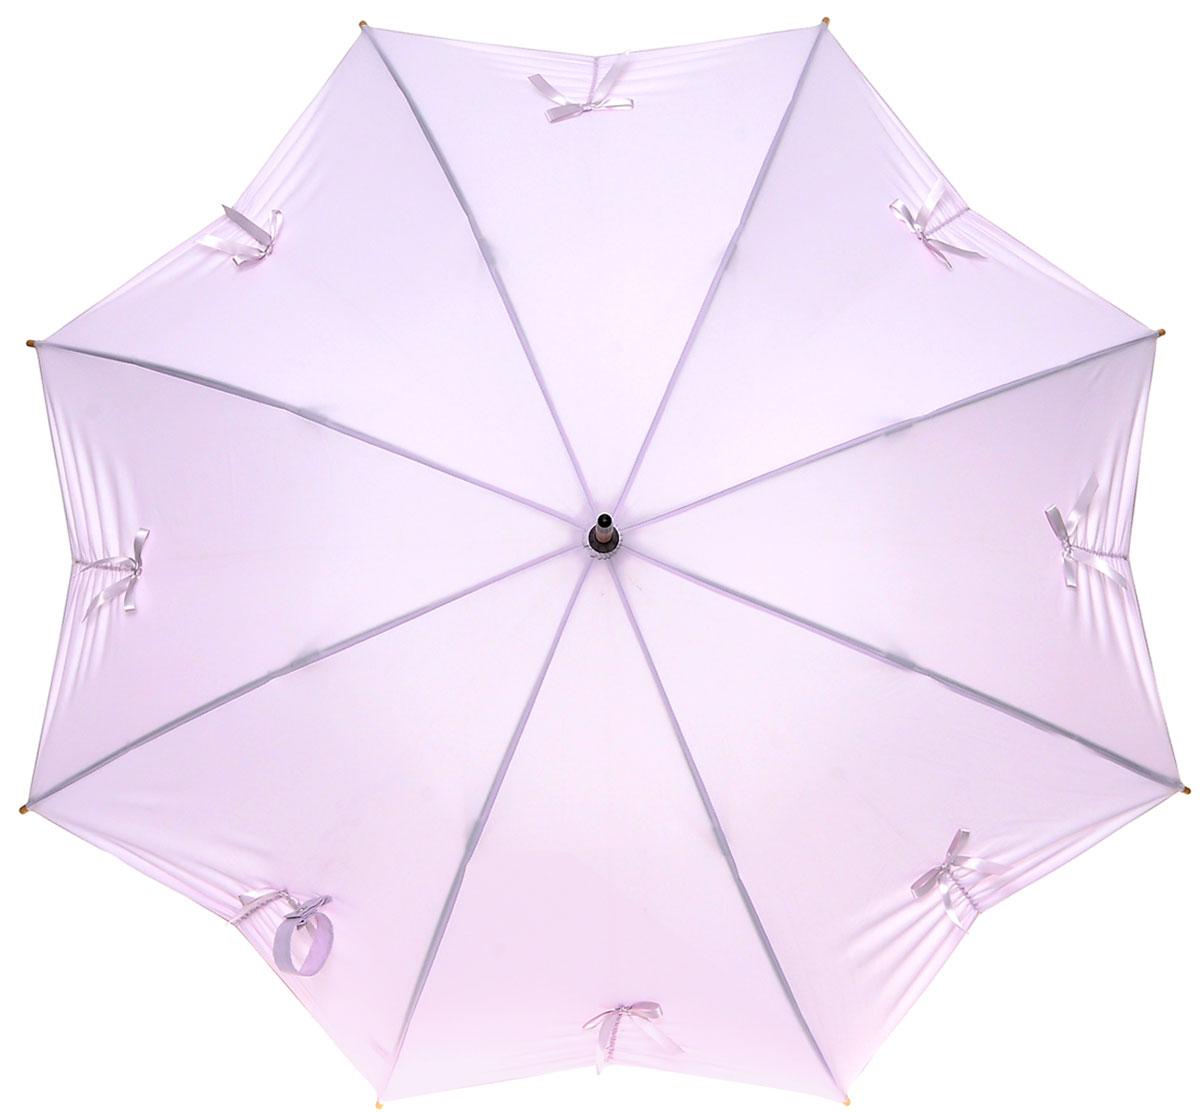 Зонт-трость женский Fulton Kensington, механический, цвет: сиреневый. L776-3211L776-3211 PalePinkМодный механический зонт-трость Fulton Kensington. Каркас зонта состоит из 8 спиц из фибергласса и деревянного стержня. Купол зонта выполнен из прочного полиэстера и украшен аппликацией в виде бантиков. Изделие оснащено удобной рукояткой из дерева. Зонт механического сложения: купол открывается и закрывается вручную до характерного щелчка. Модель закрывается при помощи двух хлястиков с кнопками. Зонт-трость даже в ненастную погоду позволит вам оставаться стильной и элегантной. Такой зонт не только надежно защитит вас от дождя, но и станет стильным аксессуаром, который идеально подчеркнет ваш неповторимый образ.